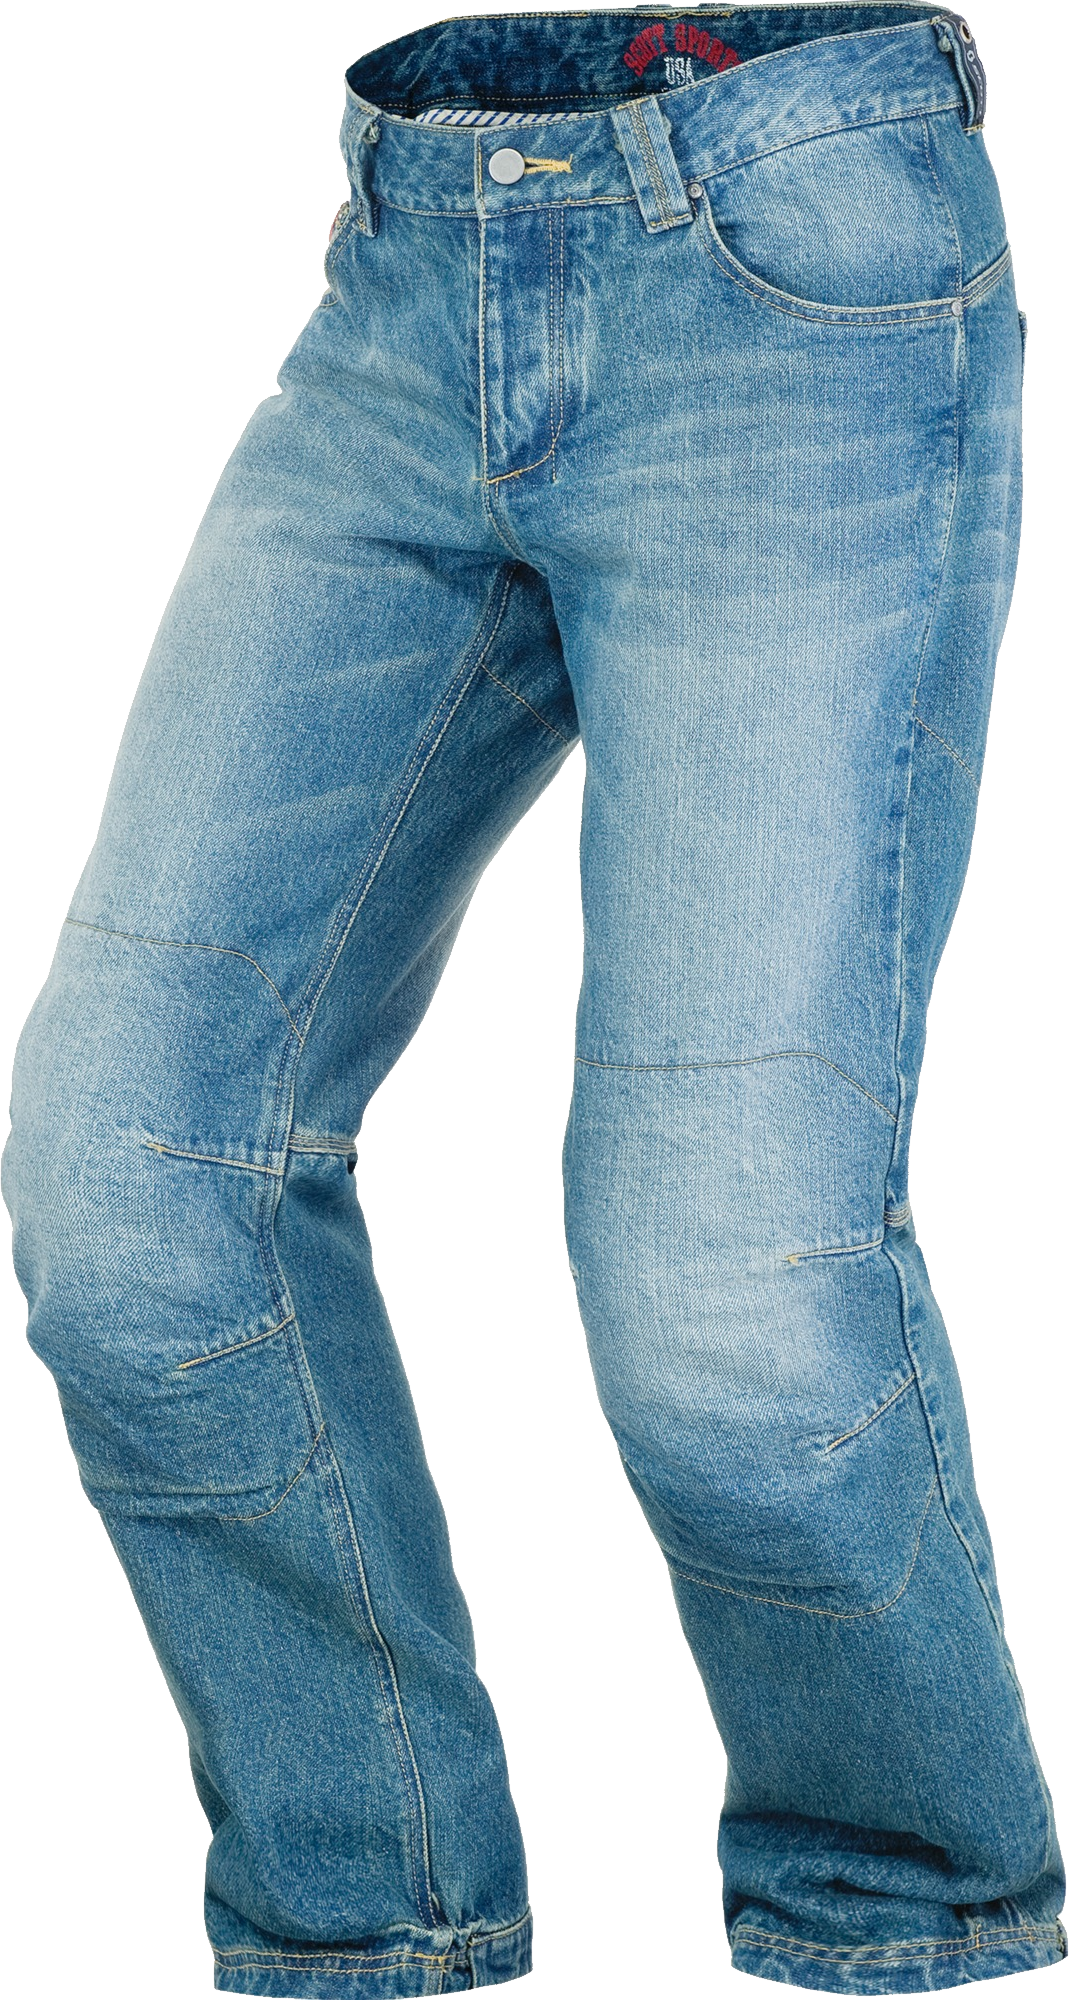 Men S Jeans Png Image Mens Jeans Jeans Clothes